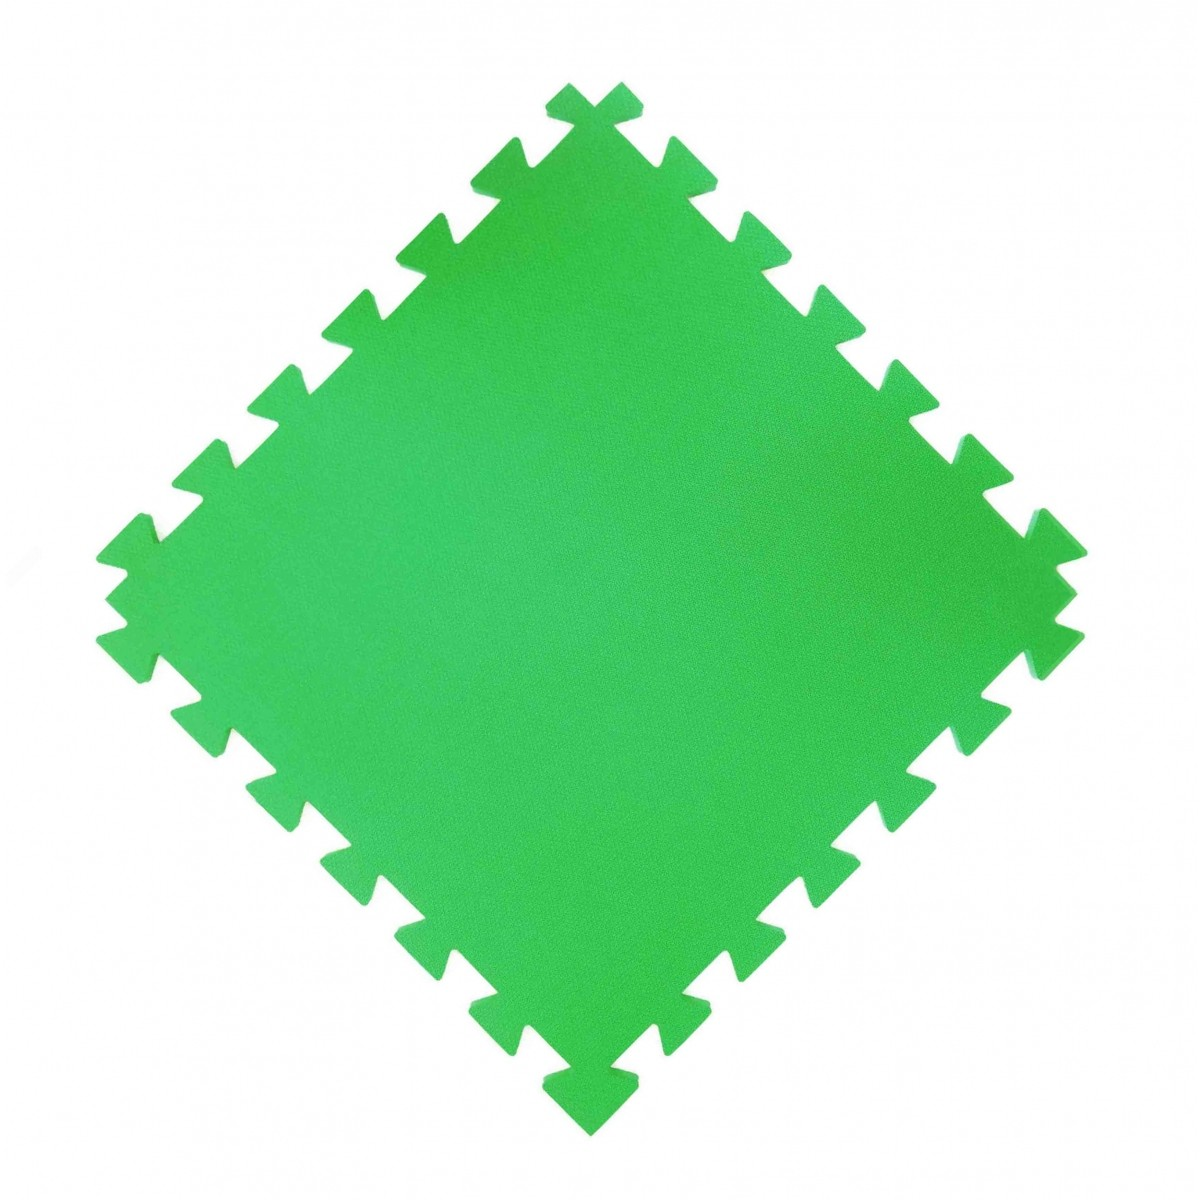 Tatame  100x100cm Com 40mm de Espessura  Verde  - Brindes Visão loja